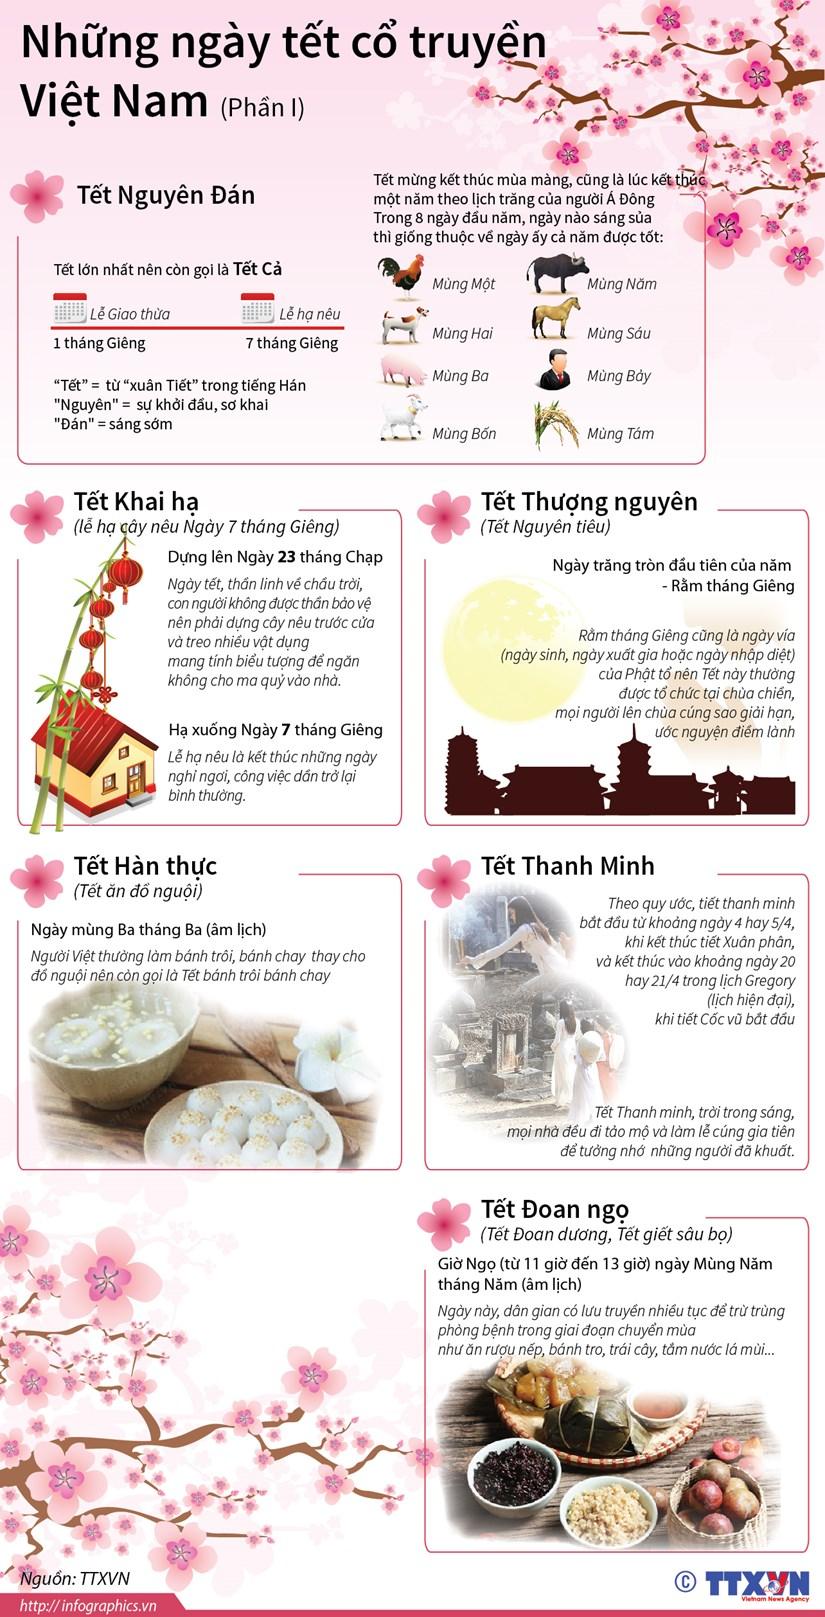 [Infographics] Nhung ngay Tet co truyen cua Viet Nam hinh anh 1